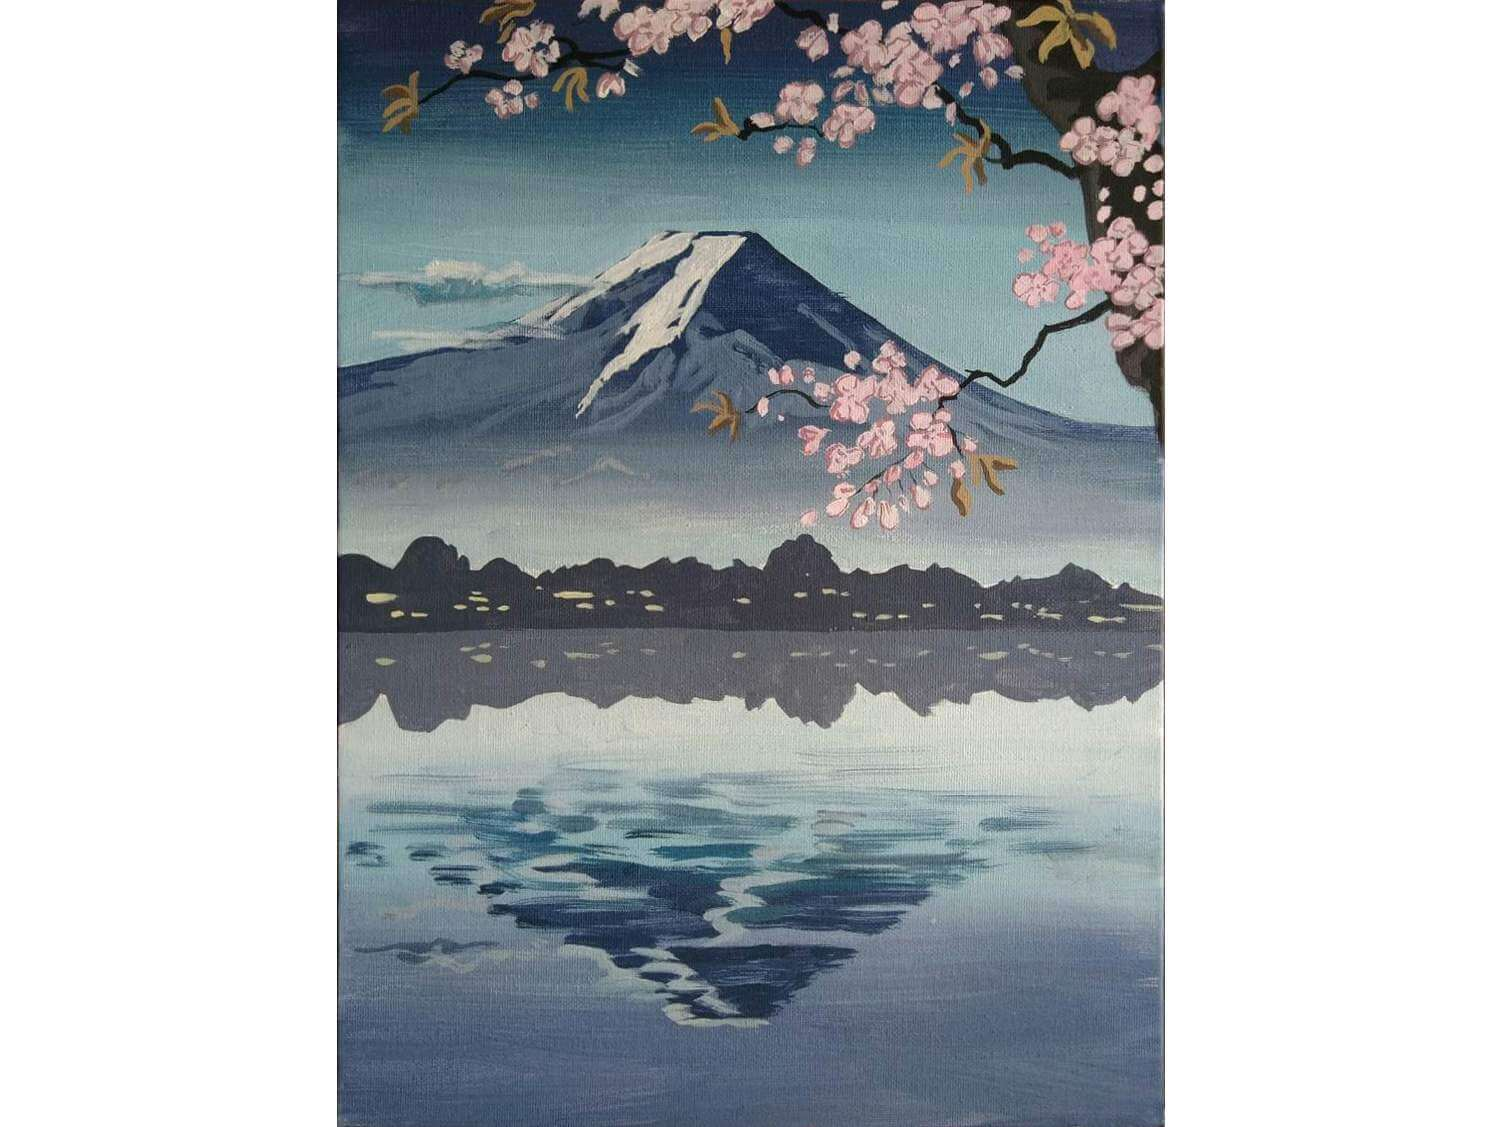 """Релаксиране с чаша вино и рисуване на репродукция по картината """"Свещената планина Фуджи"""" 13.03.2020 г."""